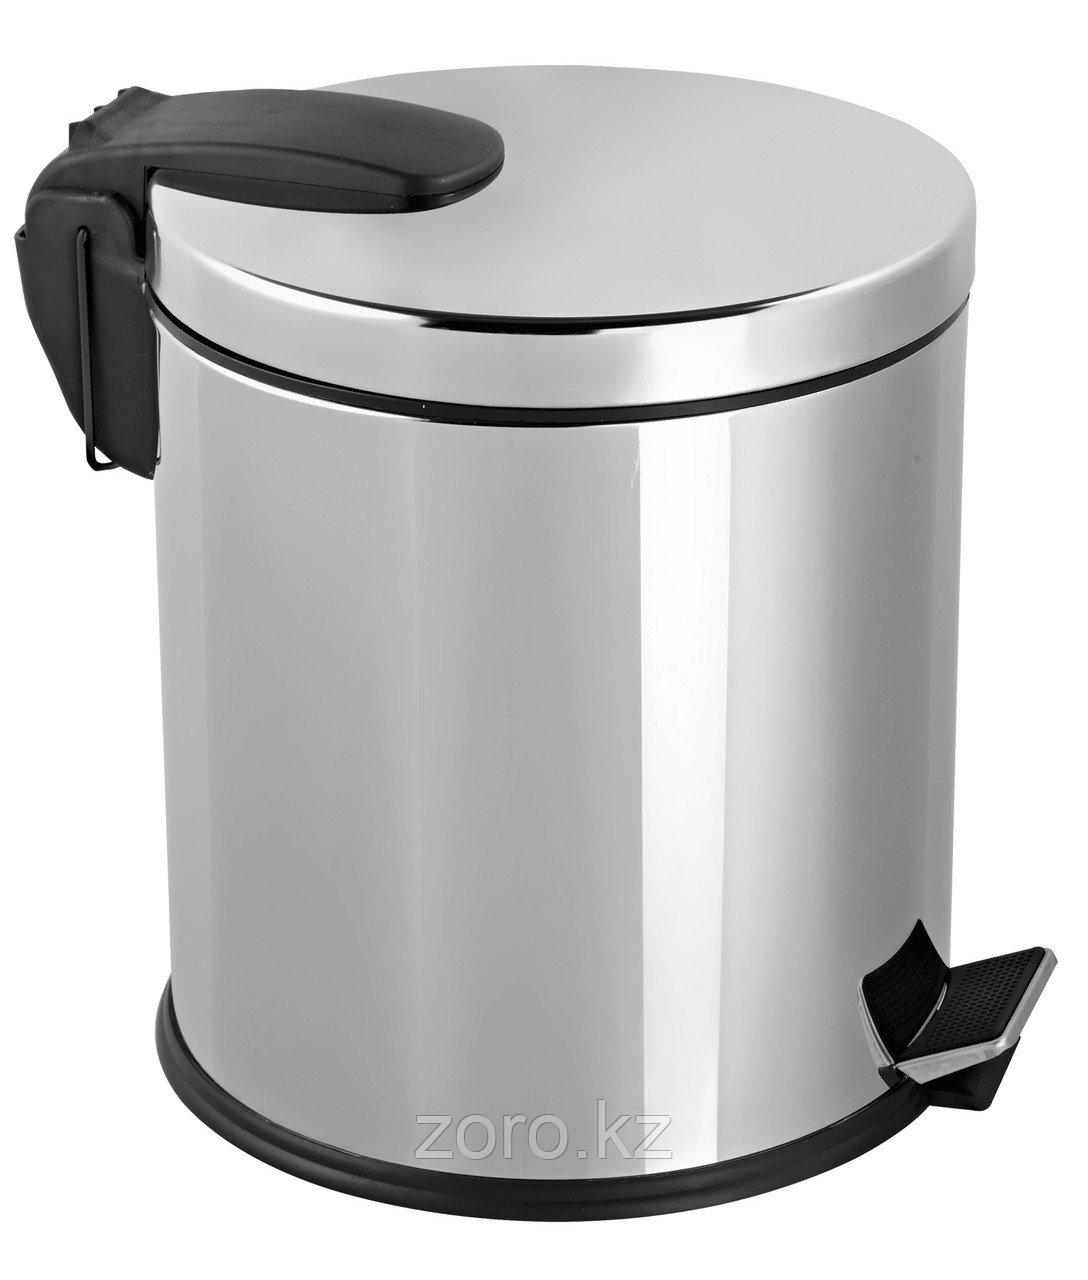 Урна металлическая с педалью 20 литров (хром) ведро для мусора контейнер